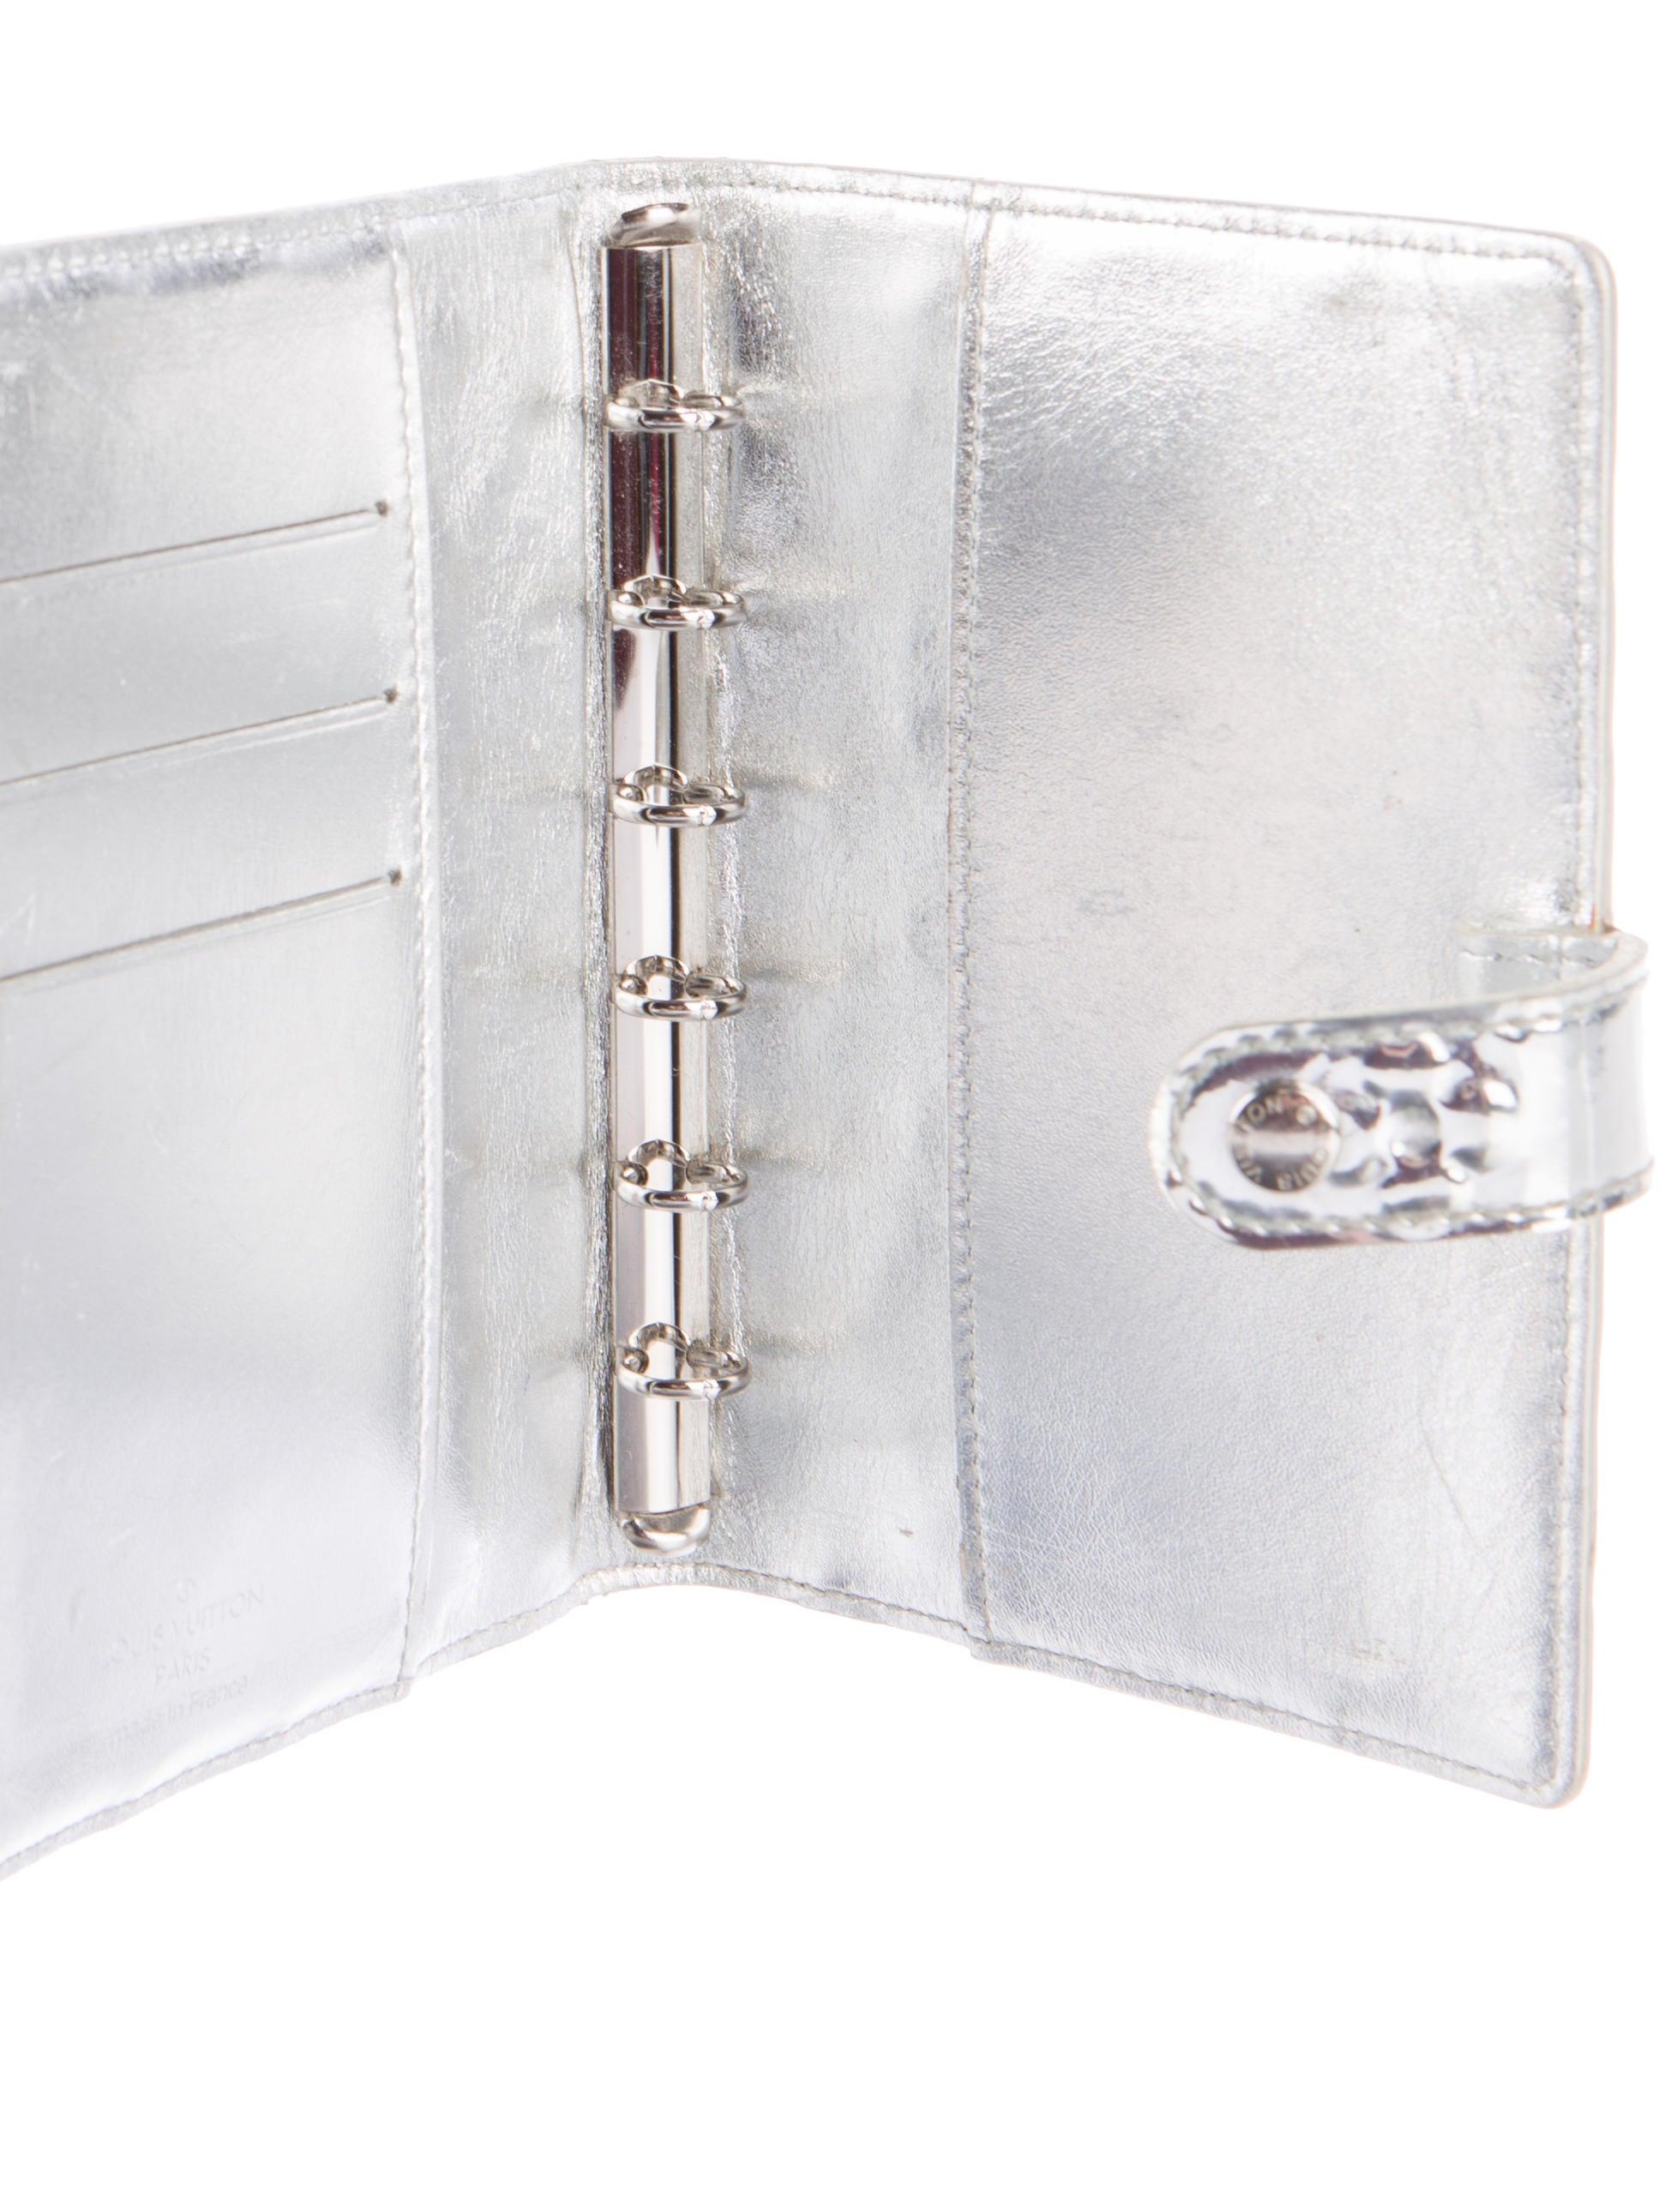 Louis vuitton mirror miroir small agenda holder for Louis vuitton miroir collection